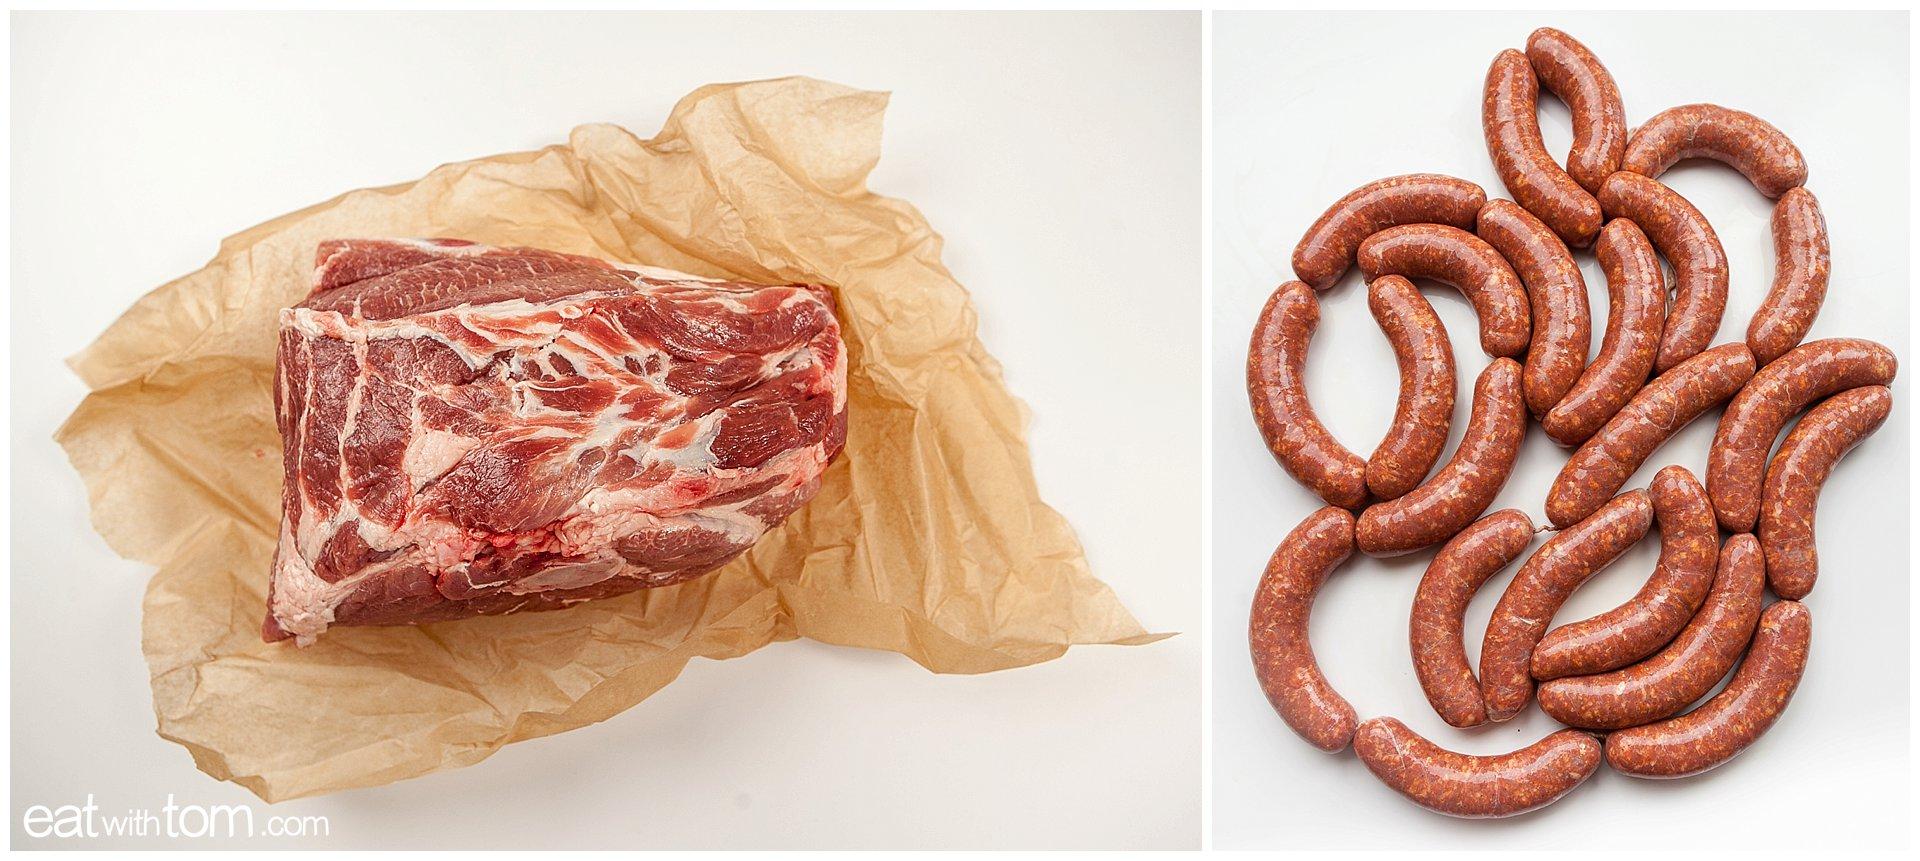 How to make Chorizo pork sausage Recipe - pork butt